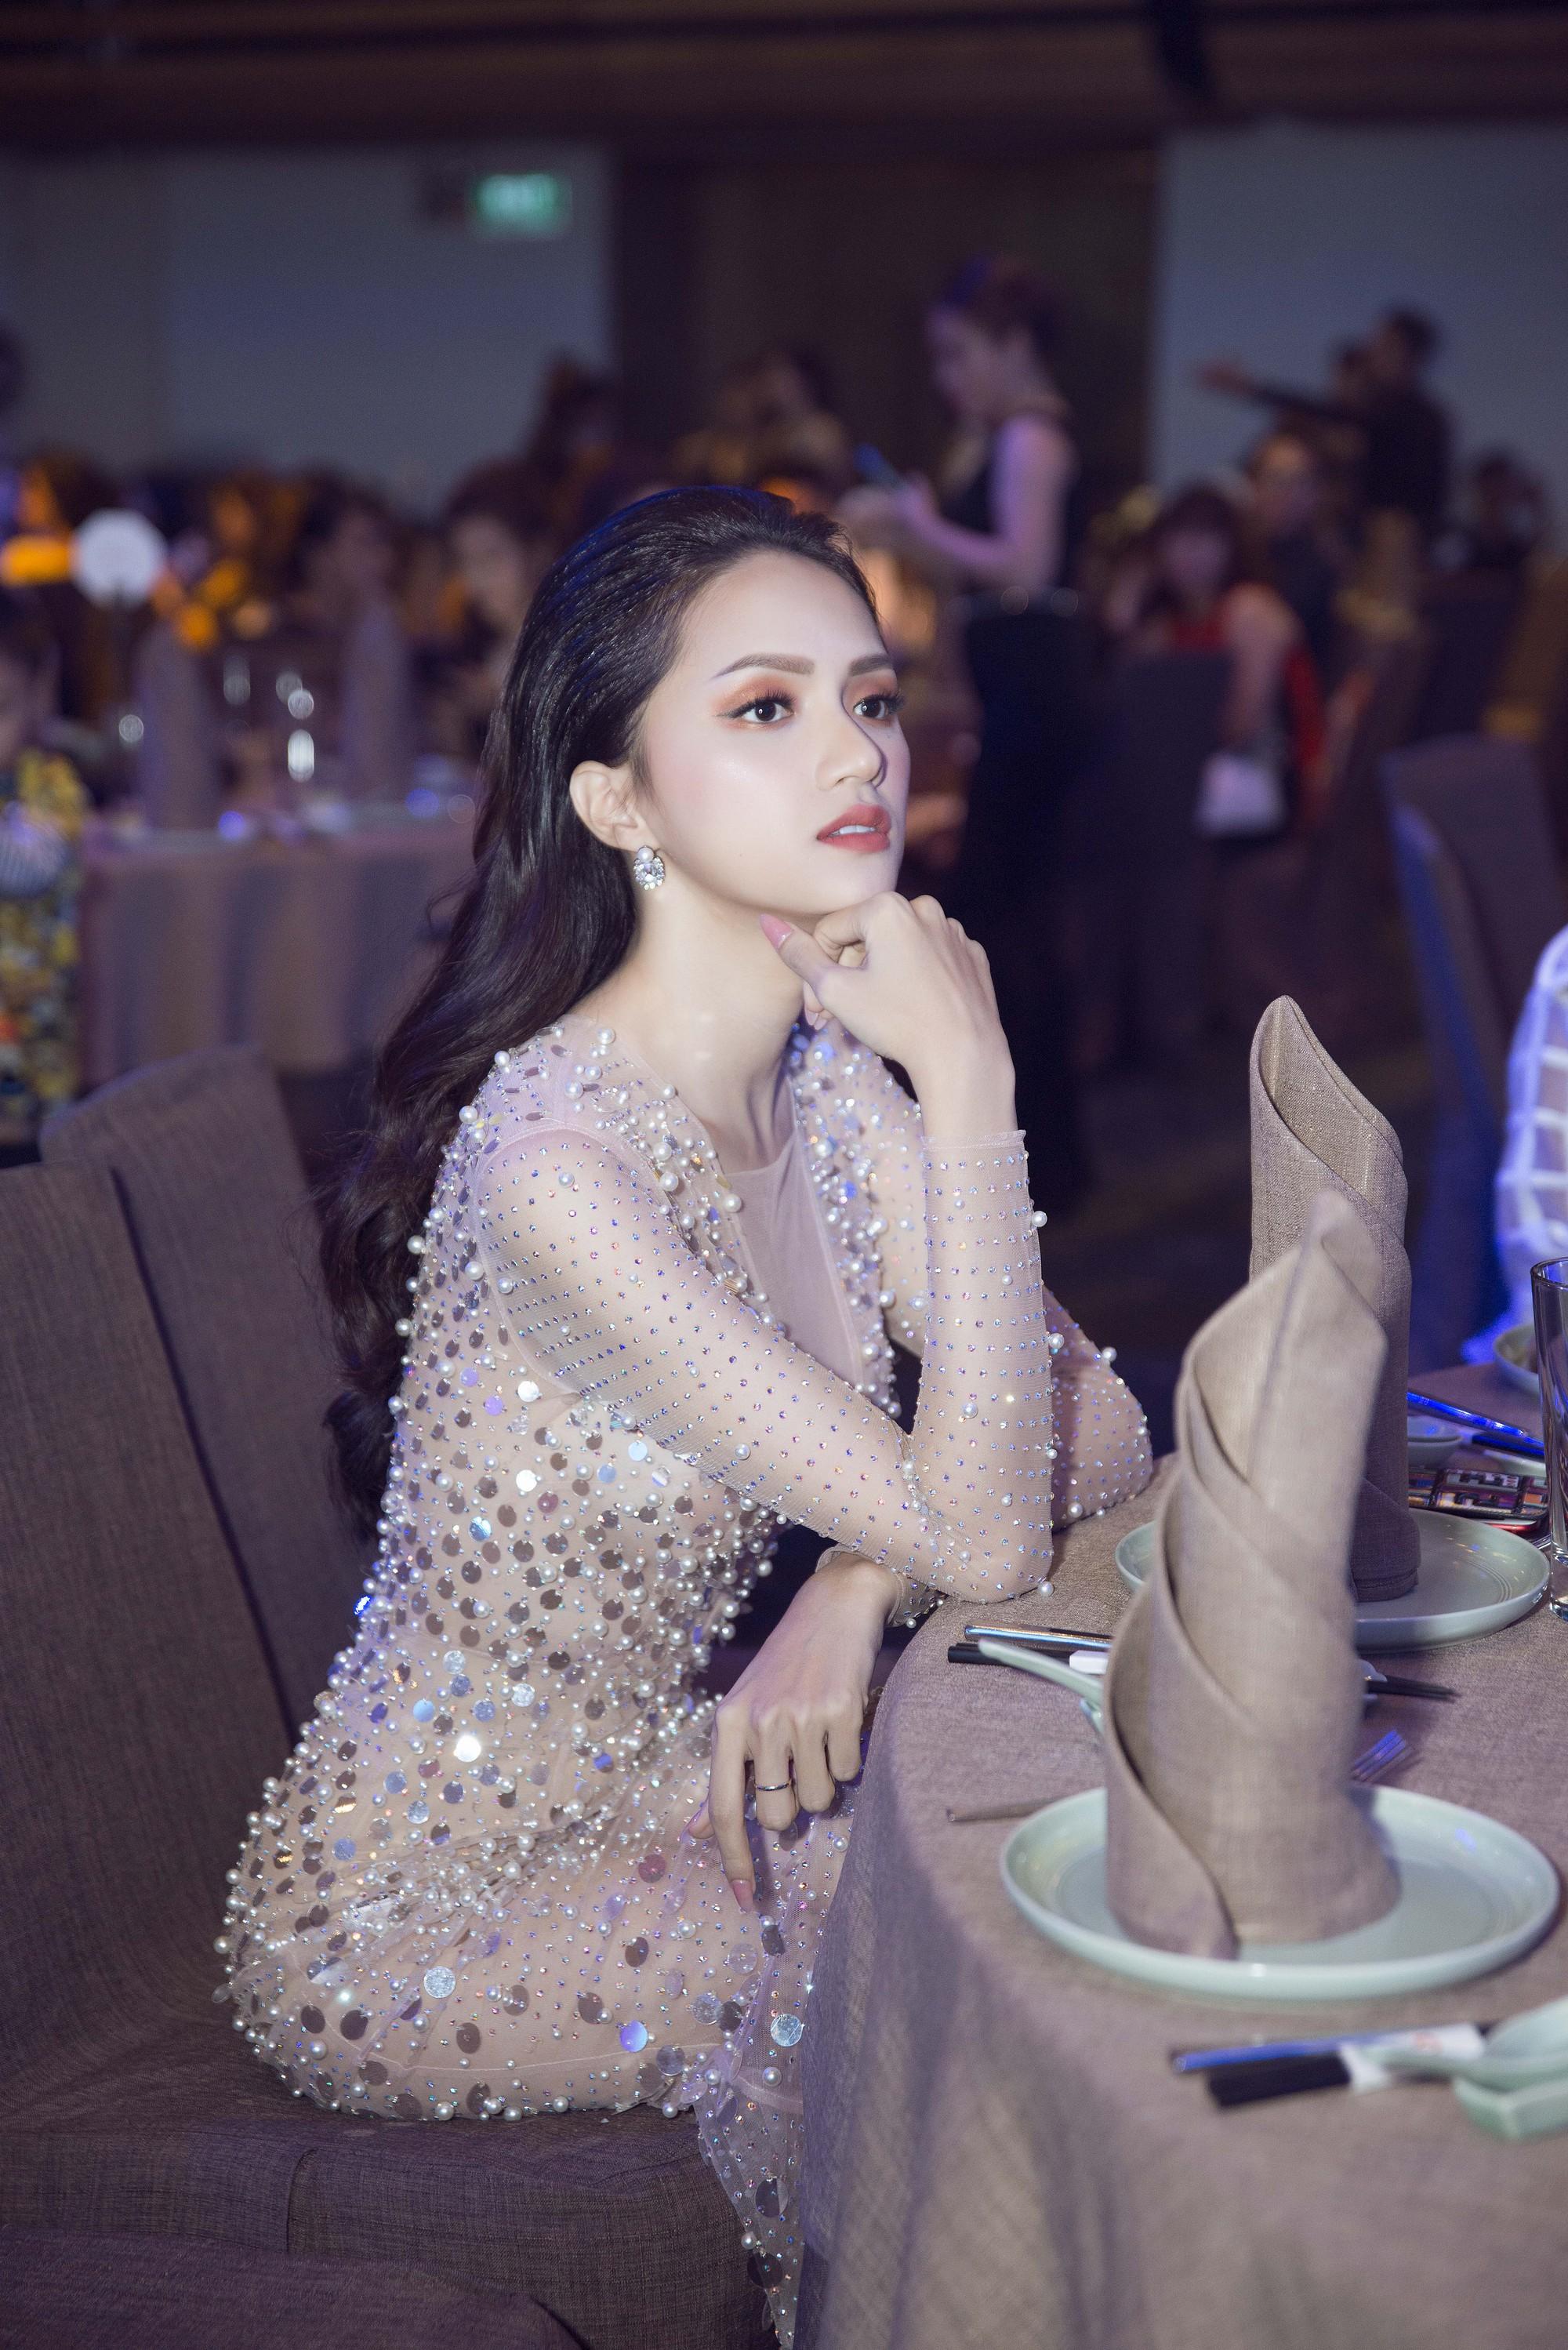 Hương Giang quyến rũ với váy xuyên thấu bó sát, Lan Khuê diện váy trắng tinh khôi như cô dâu tại sự kiện - Ảnh 4.